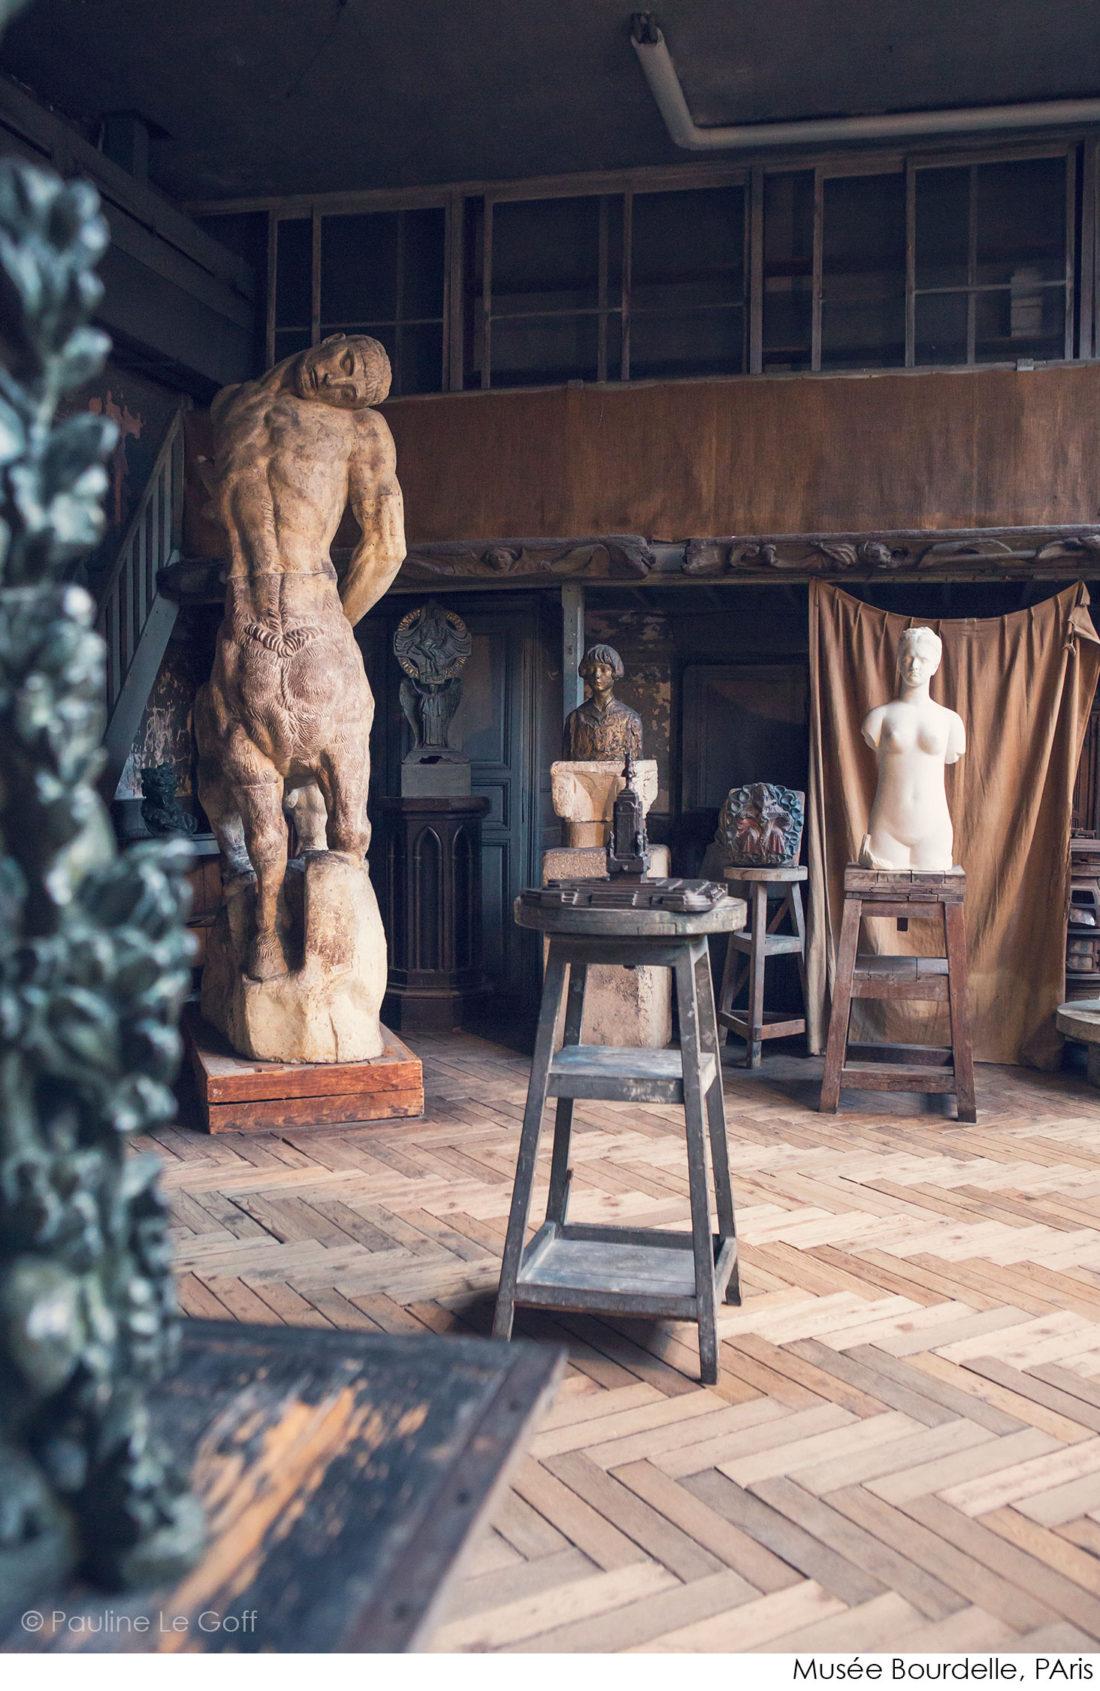 Musée Bourdelle © Pauline Le Goff